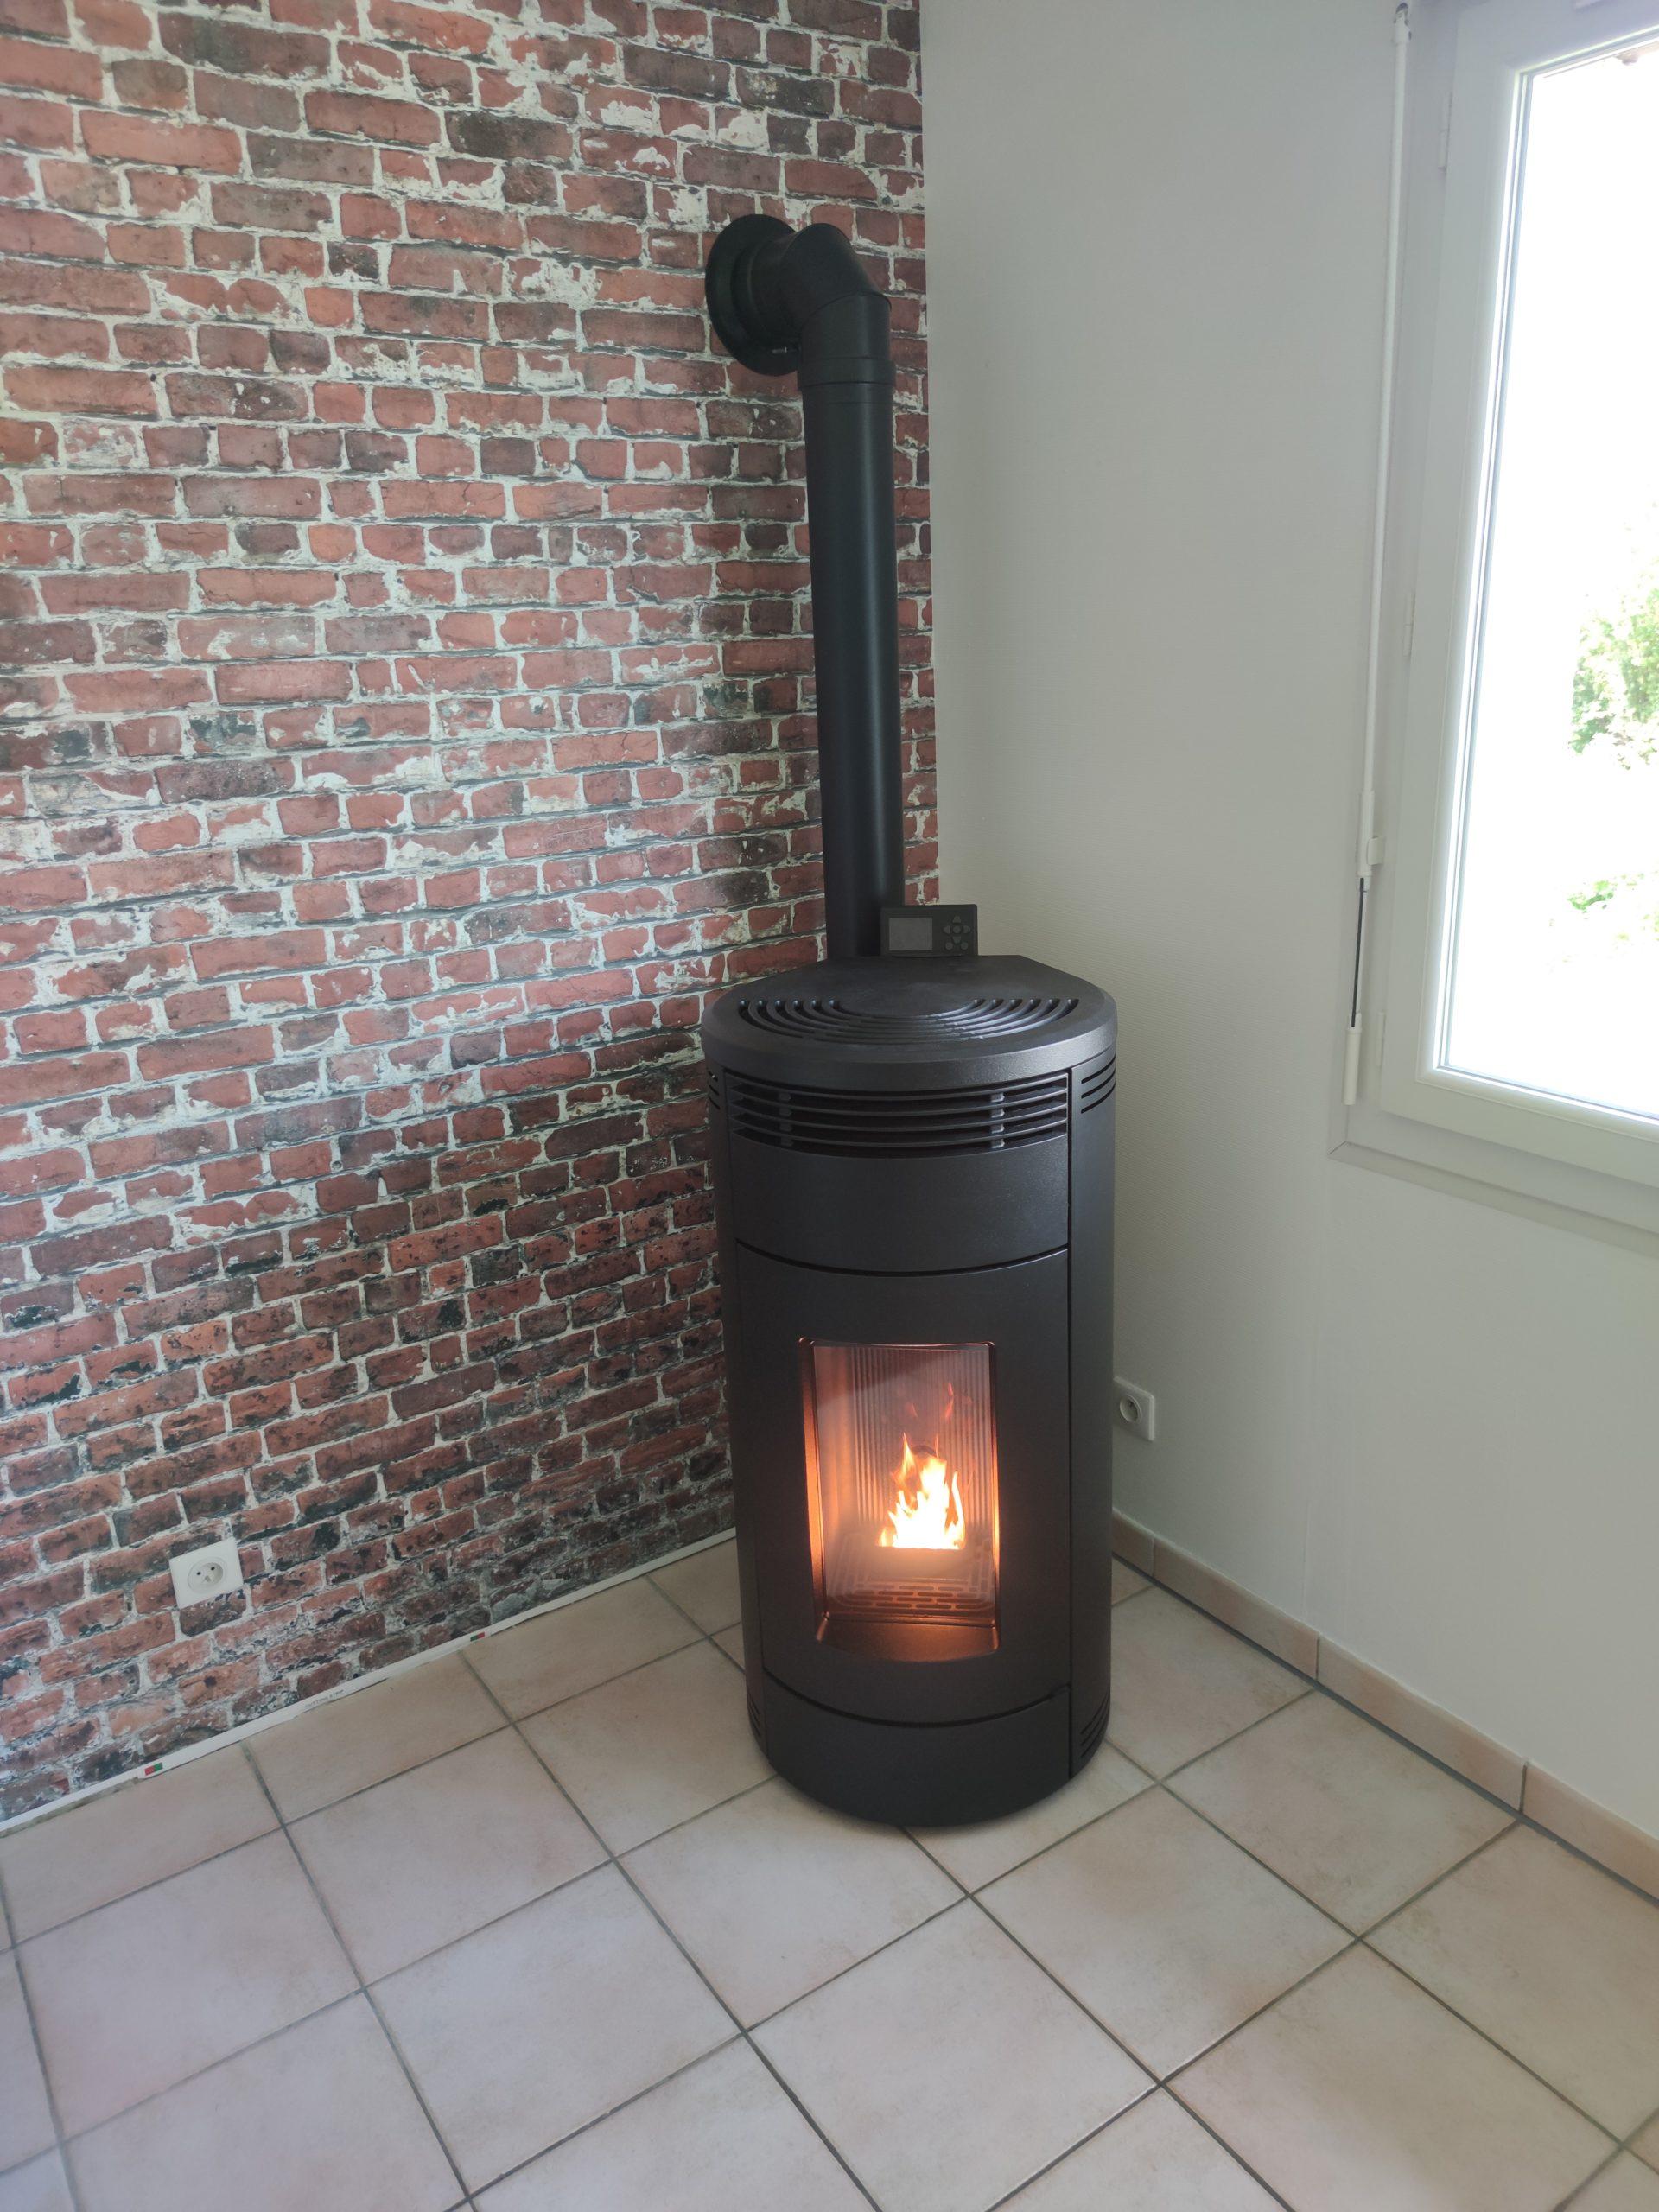 Installation d'un poêle à pellets MCZ, Villembray (60)